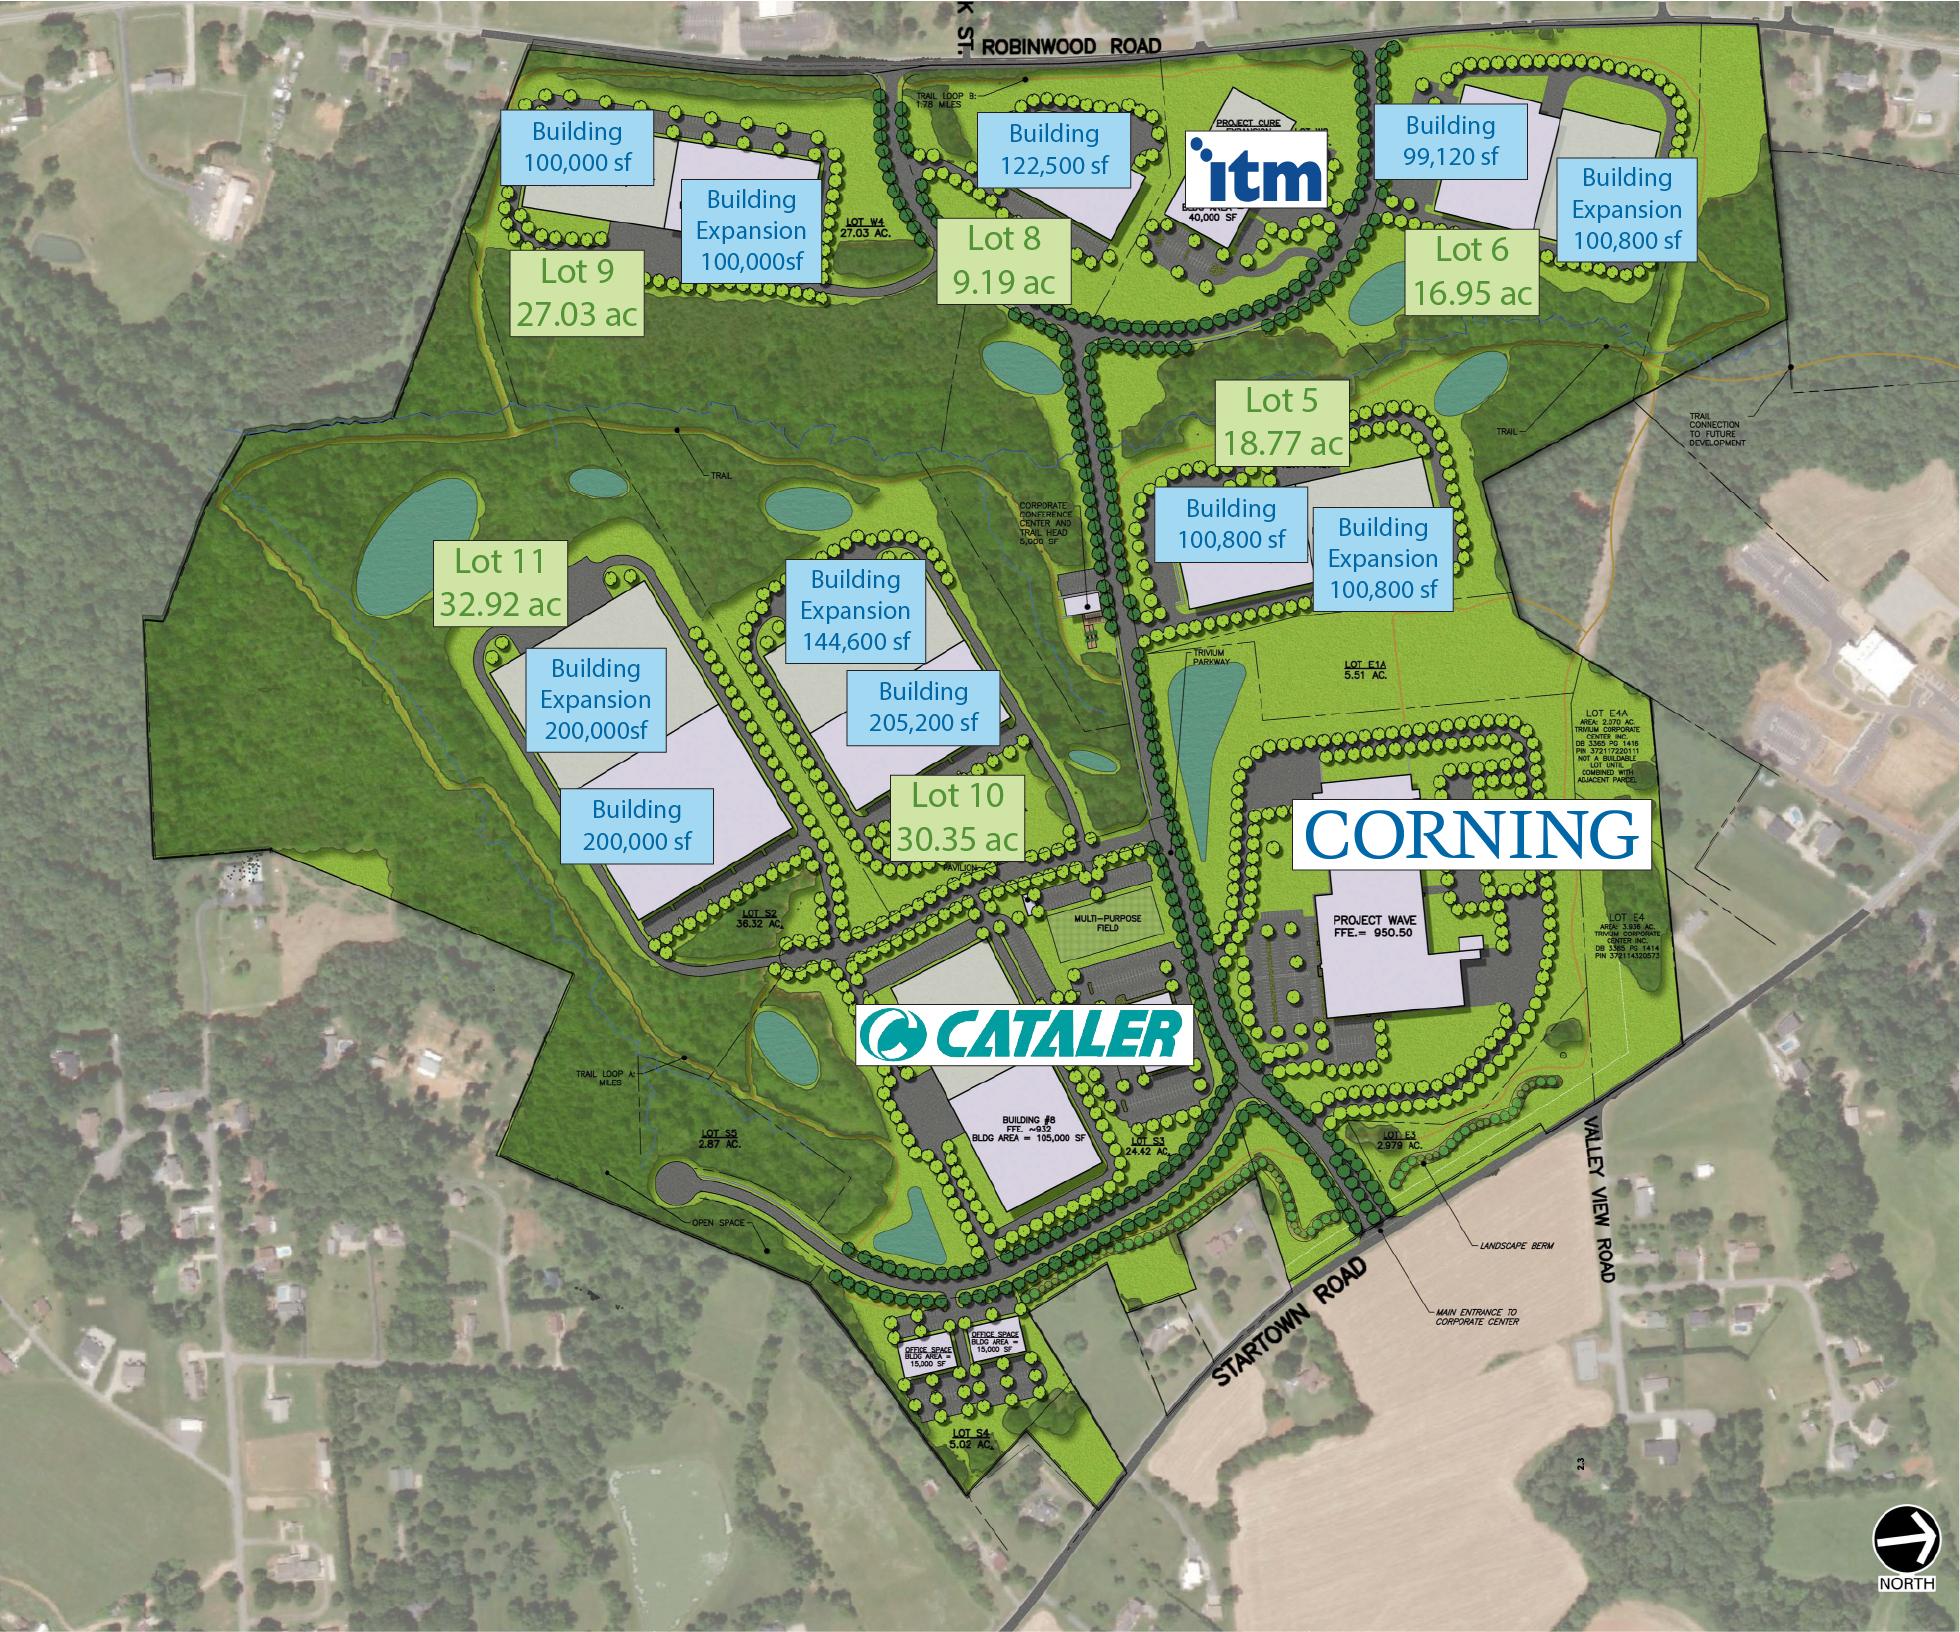 Site Plan for Trivium Corporate Center